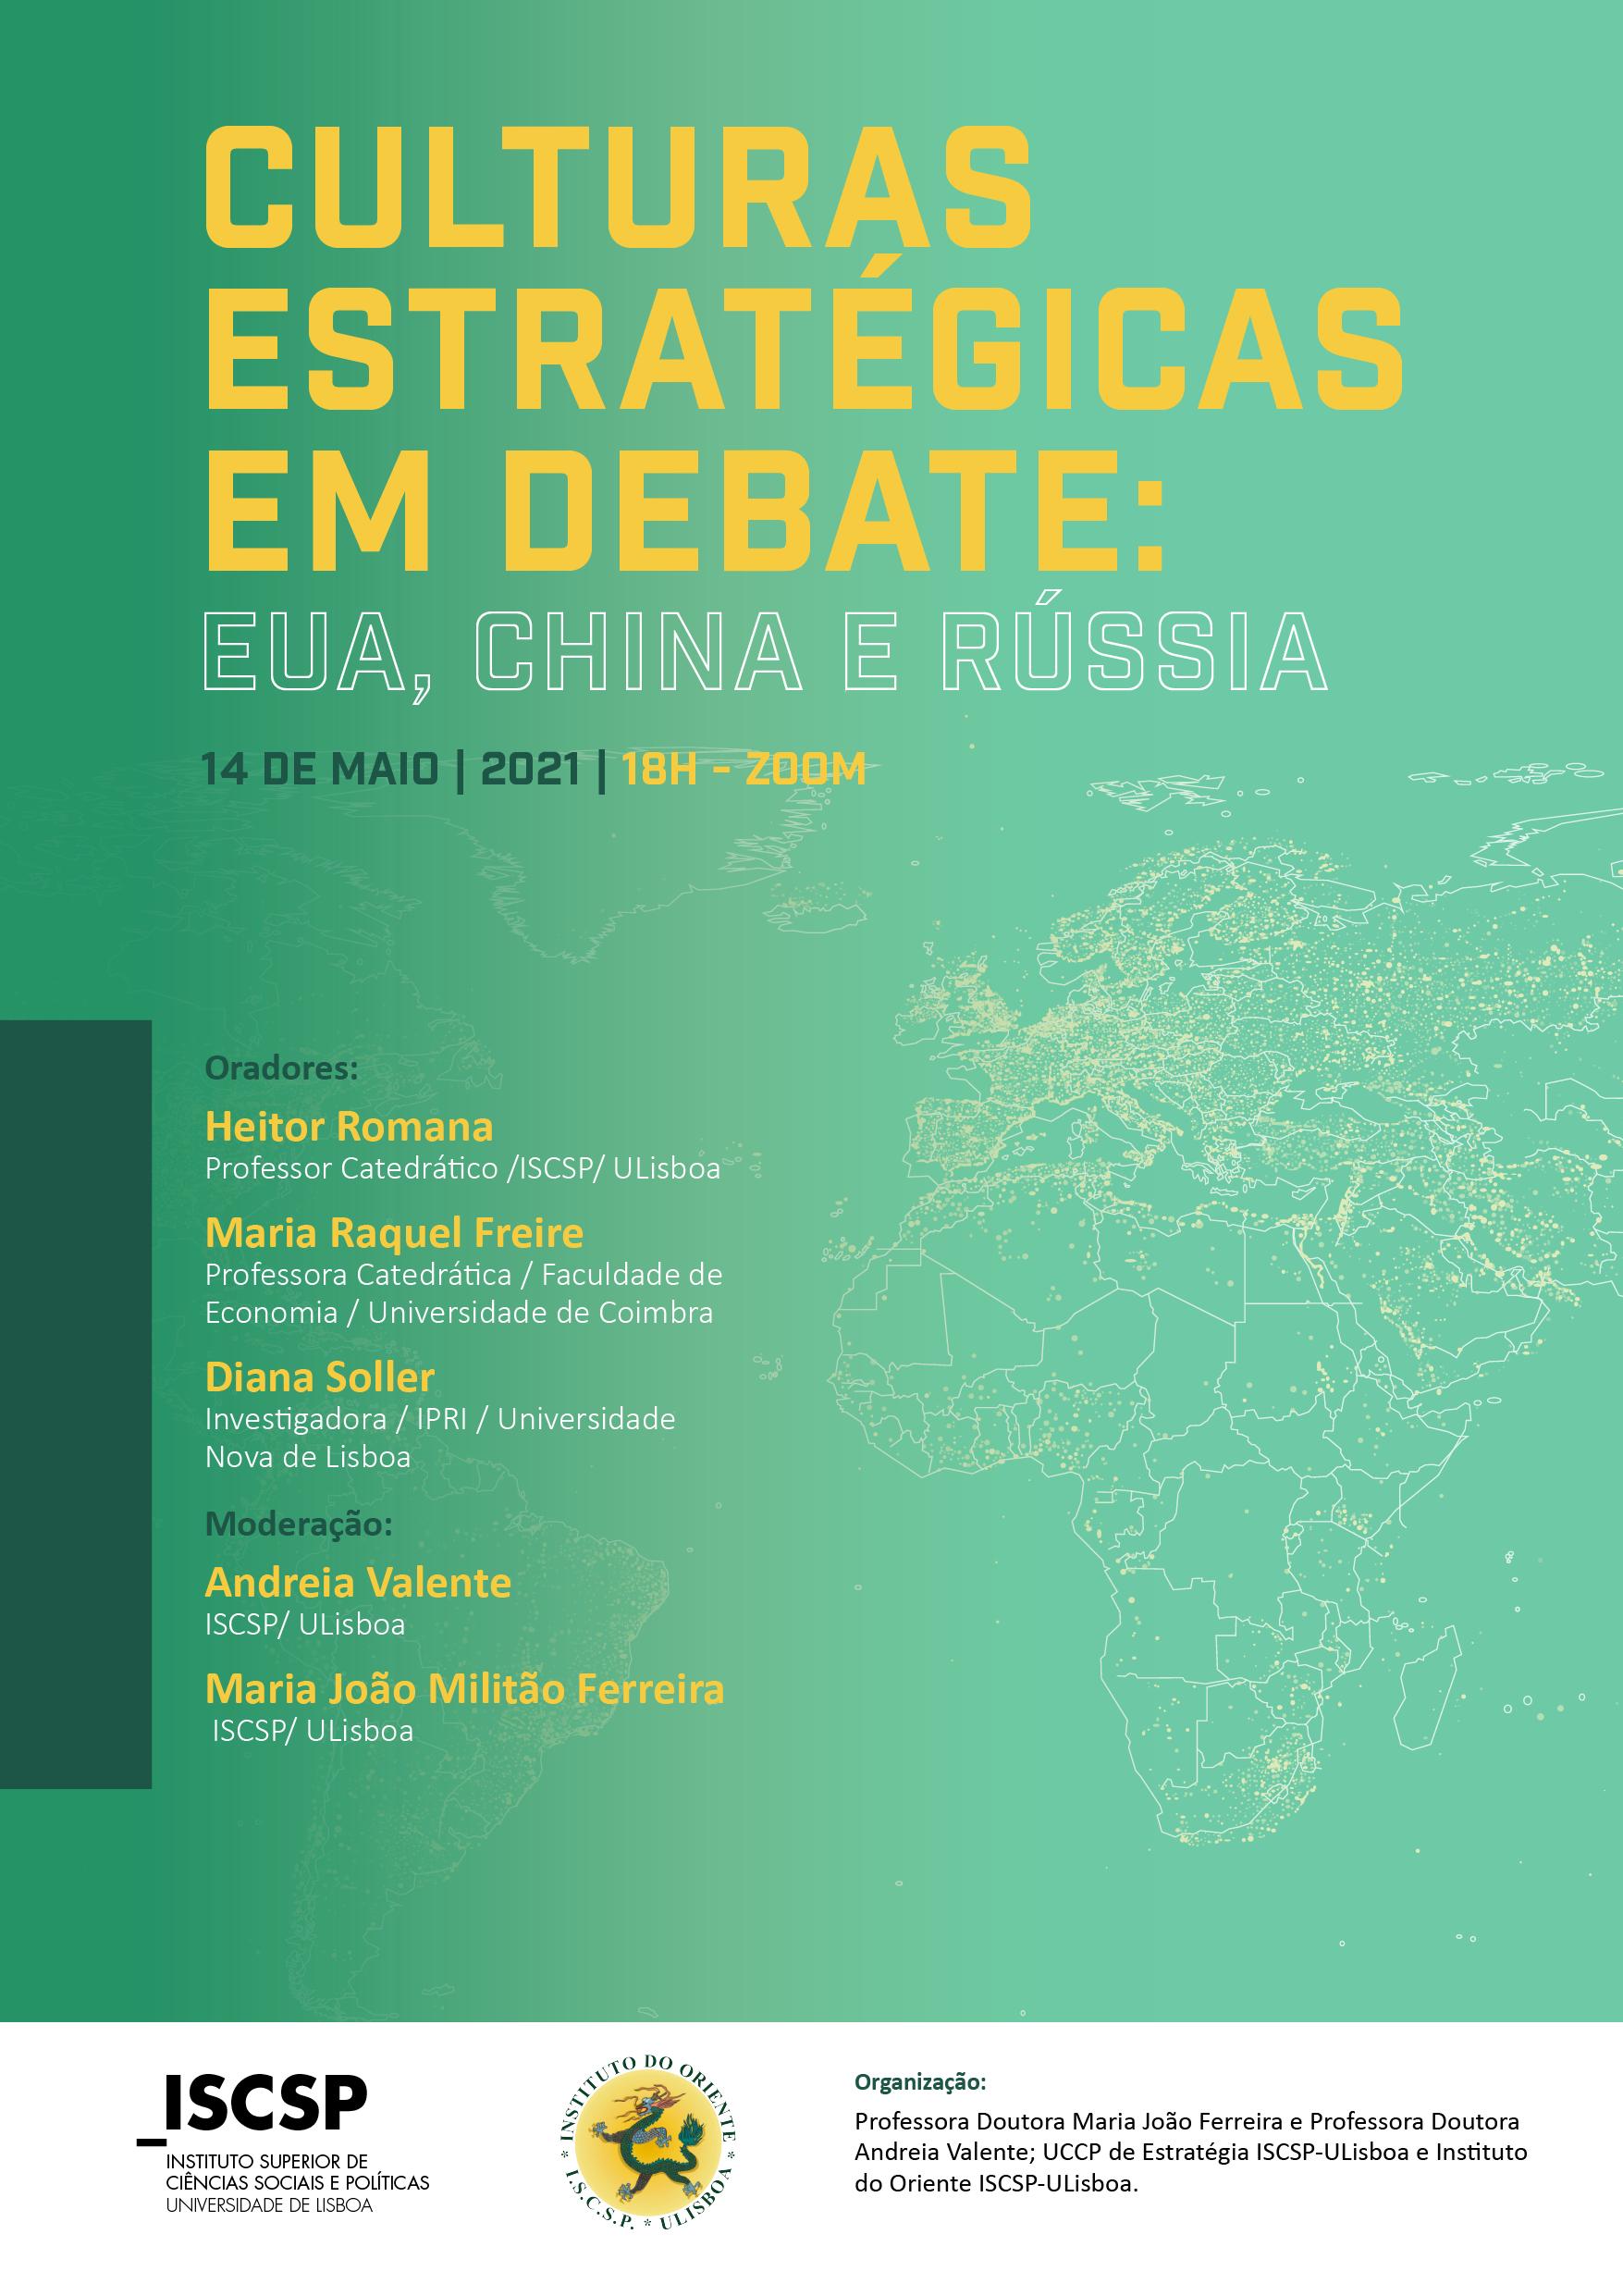 Culturas estratégicas em debate: EUA, China e Rússia